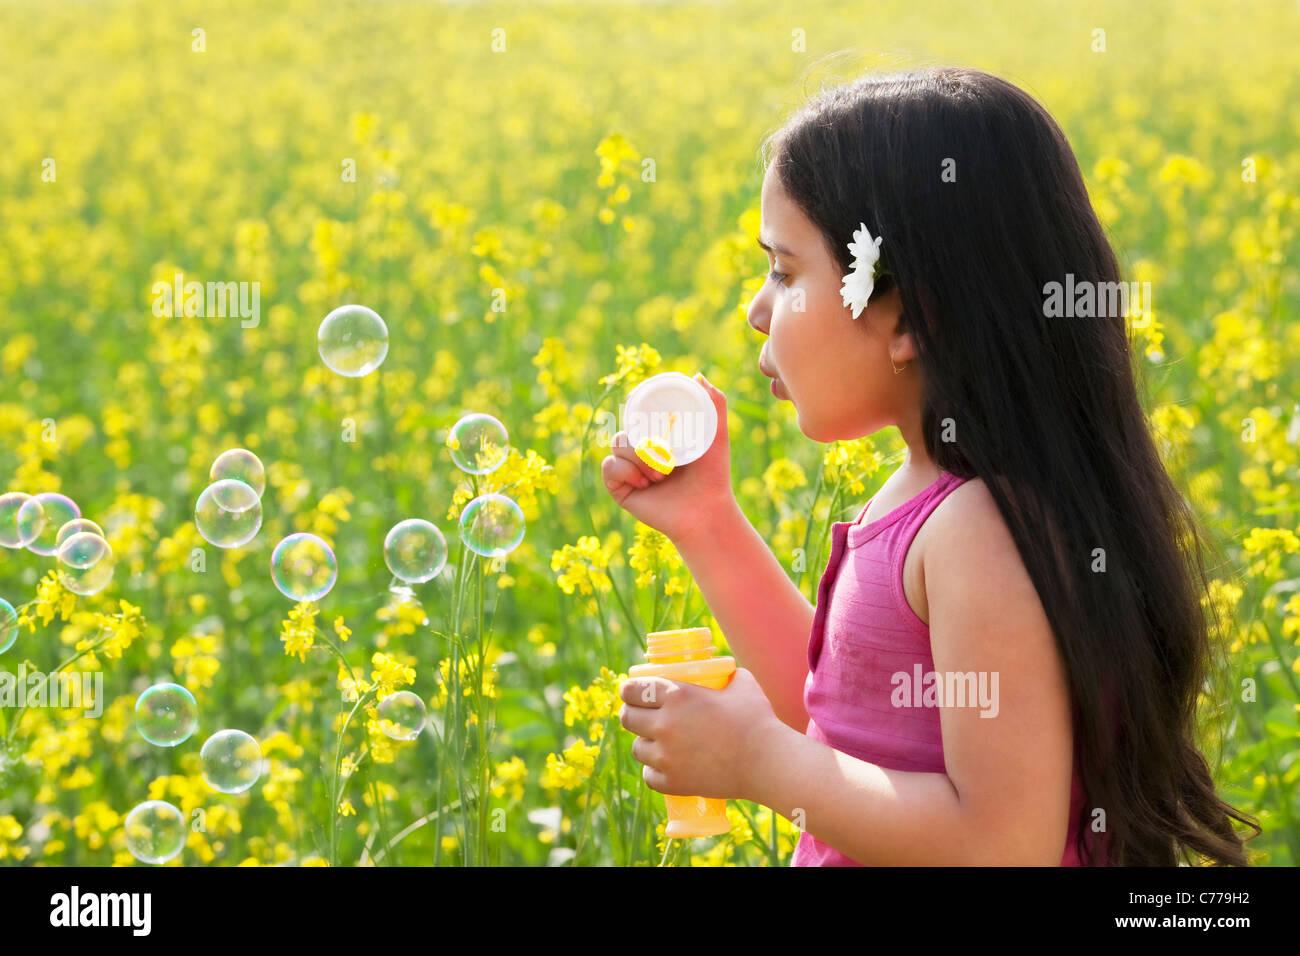 Ragazza giovane soffiare bolle in un campo Immagini Stock